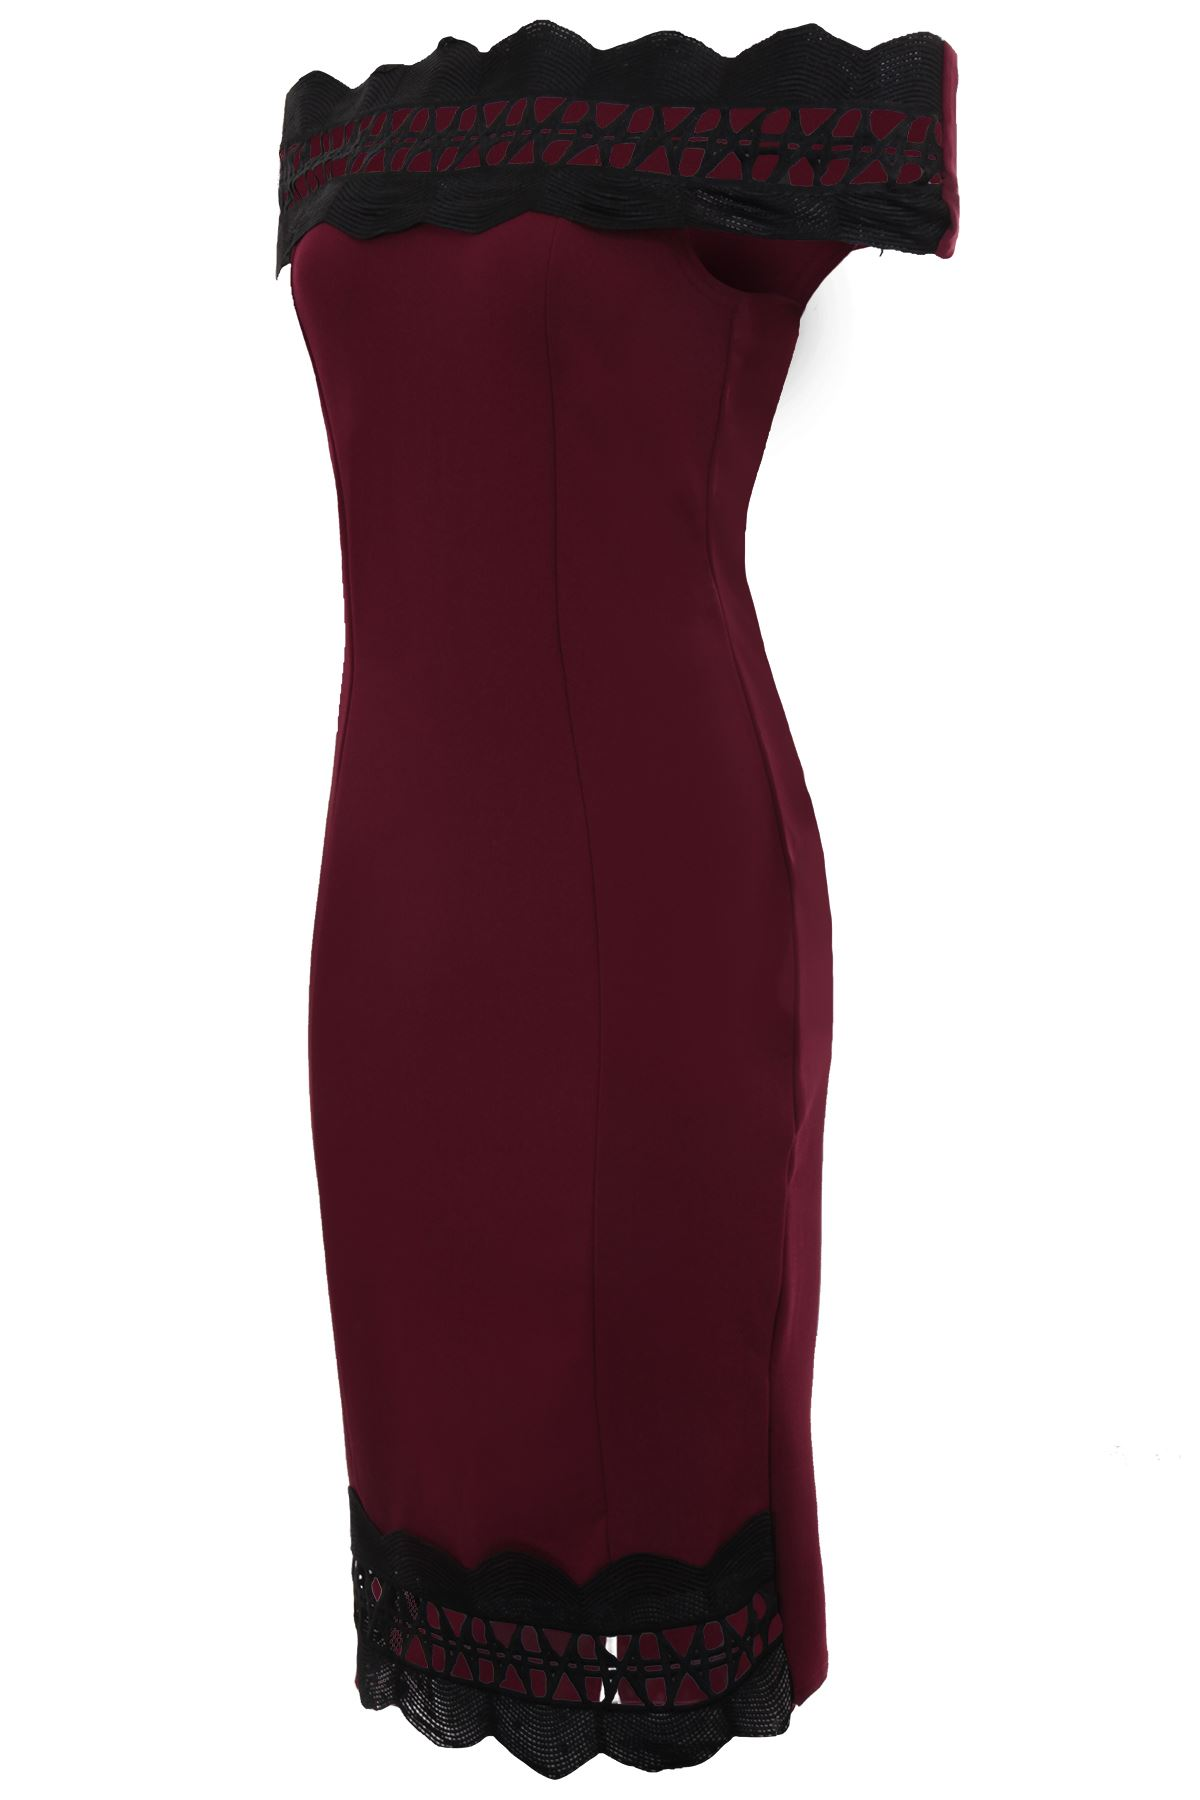 Ladies Bardot Off Shoulder Scallop Lace Trim Textured Split Back Bodycon Dress